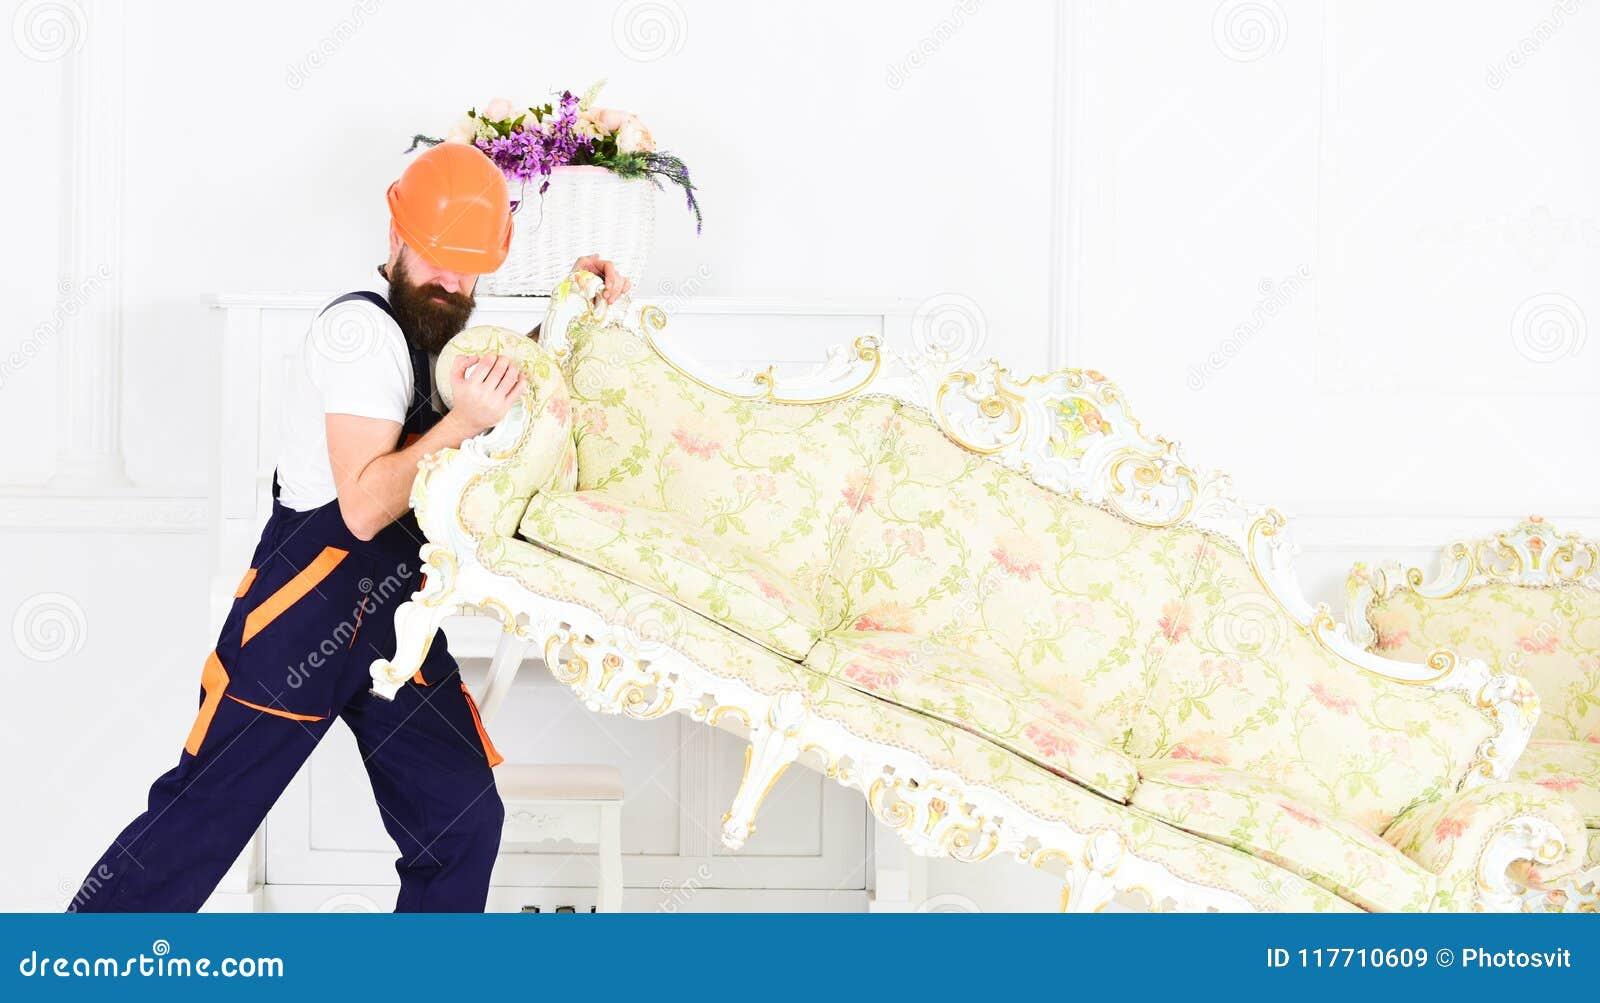 Hemsändningbegrepp Laddaren flyttar soffan, soffa Kuriren levererar möblemang i fall att av flyttar sig ut, förflyttning 308 mäss